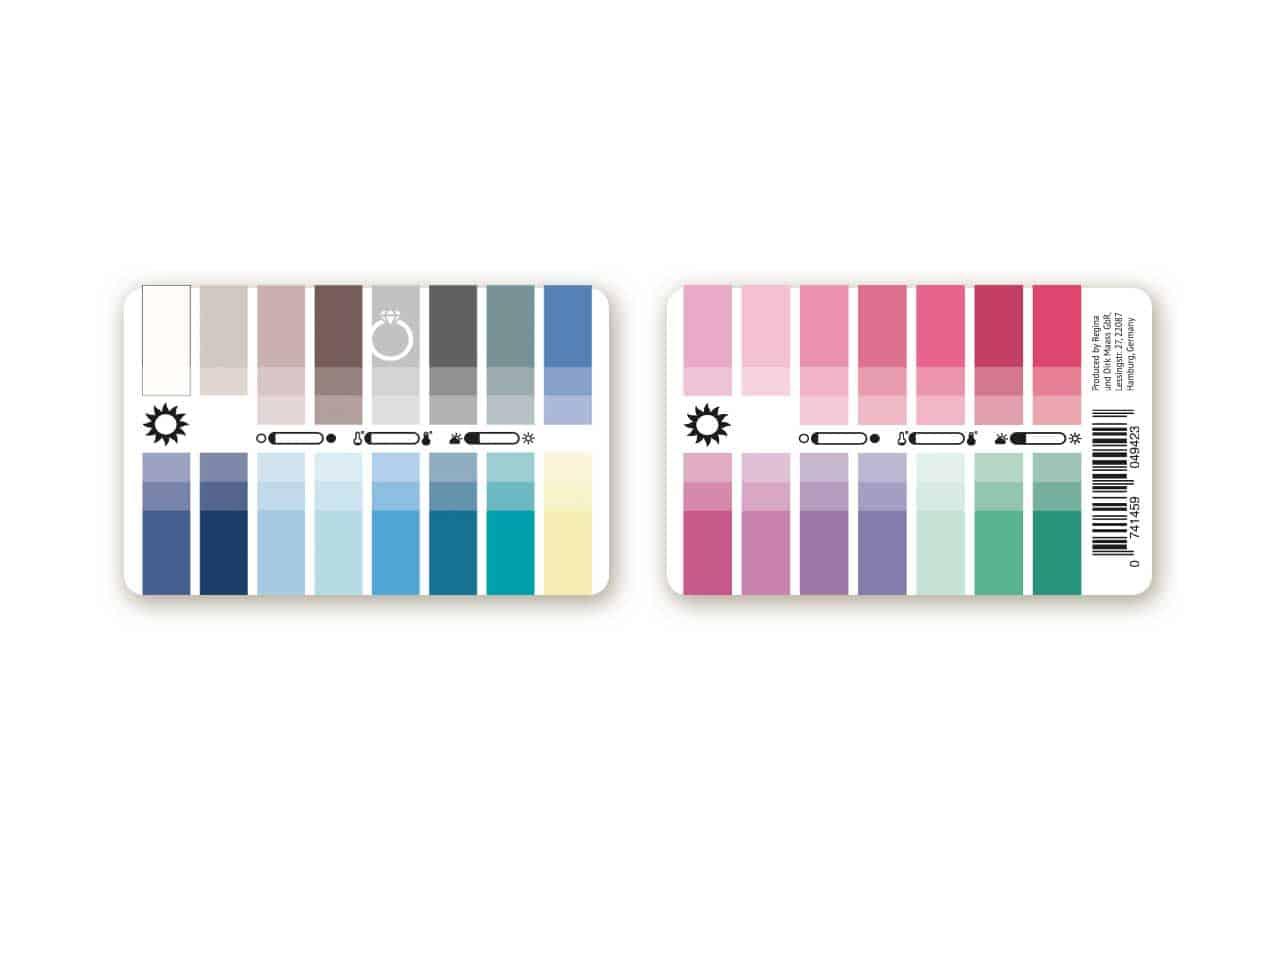 karten farbpass sommer 30 farben f r farbanalyse und farbberatung. Black Bedroom Furniture Sets. Home Design Ideas